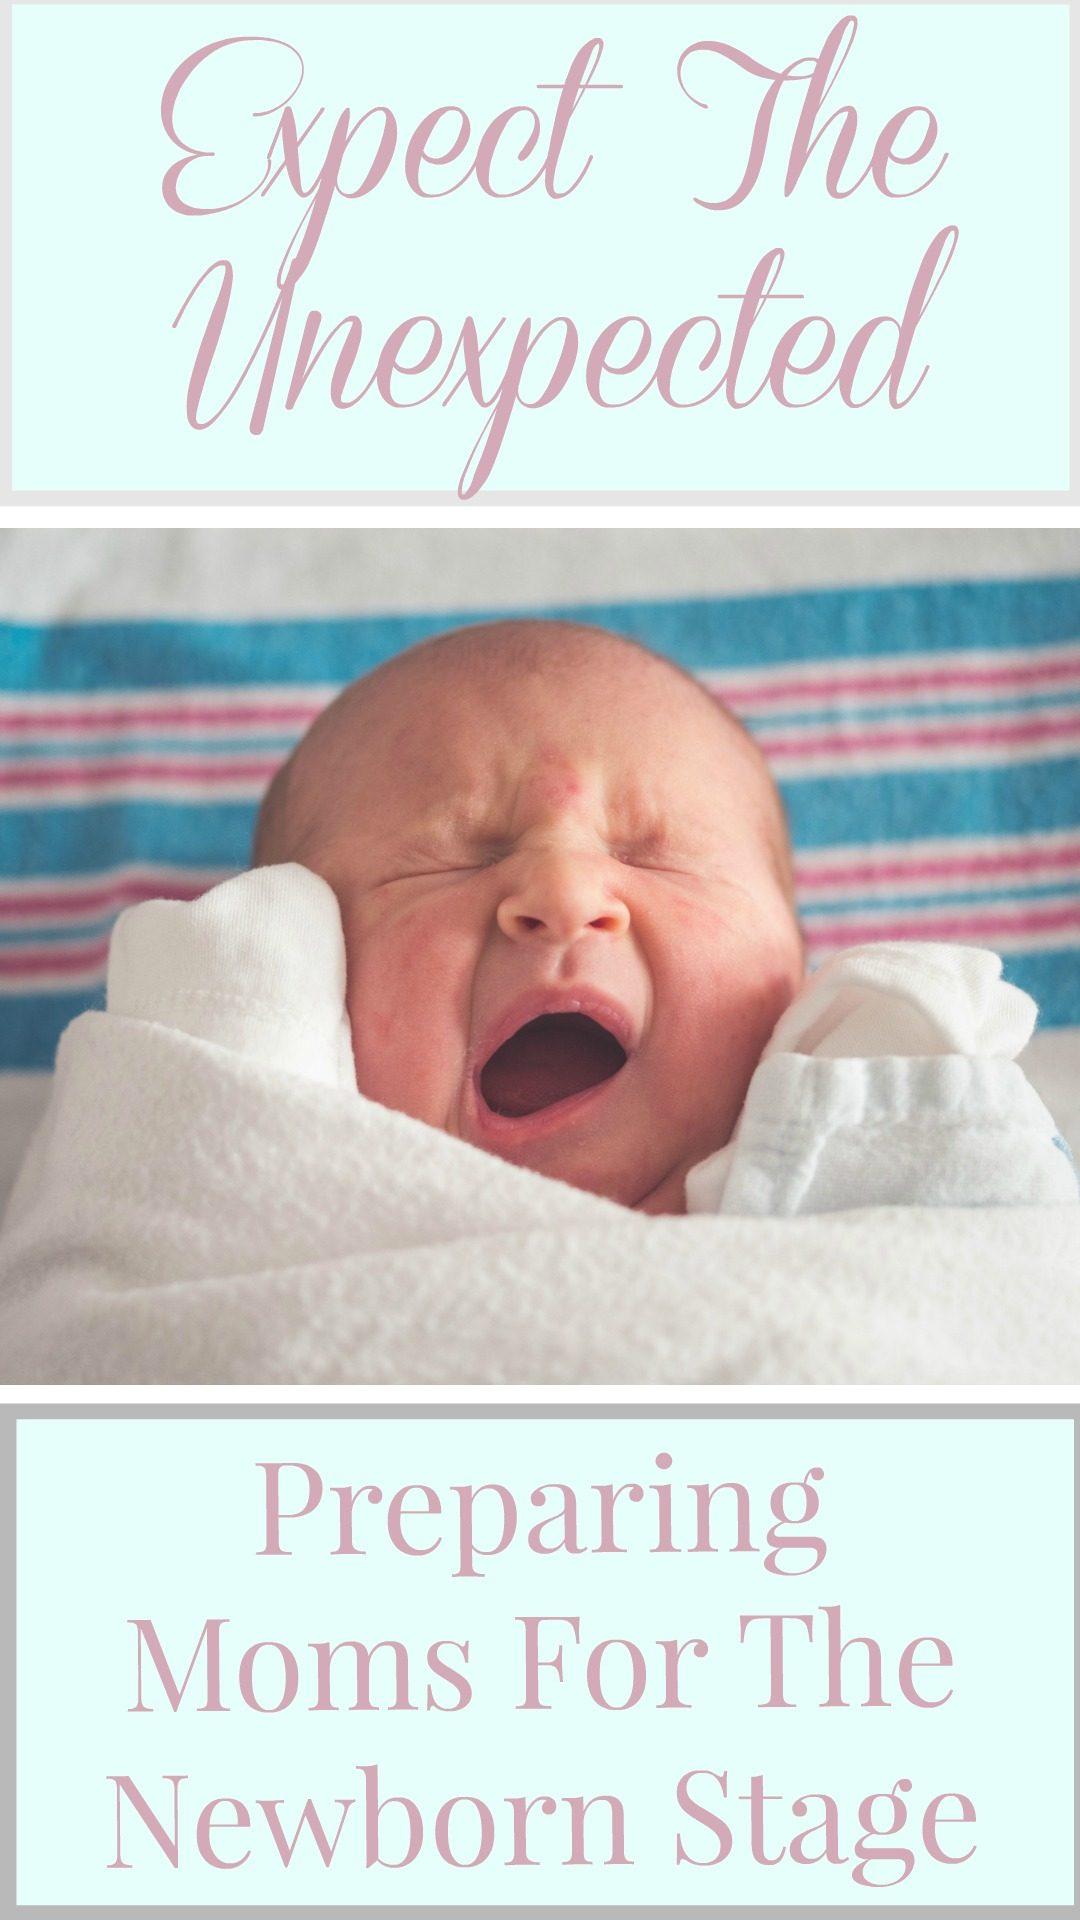 newborn stage